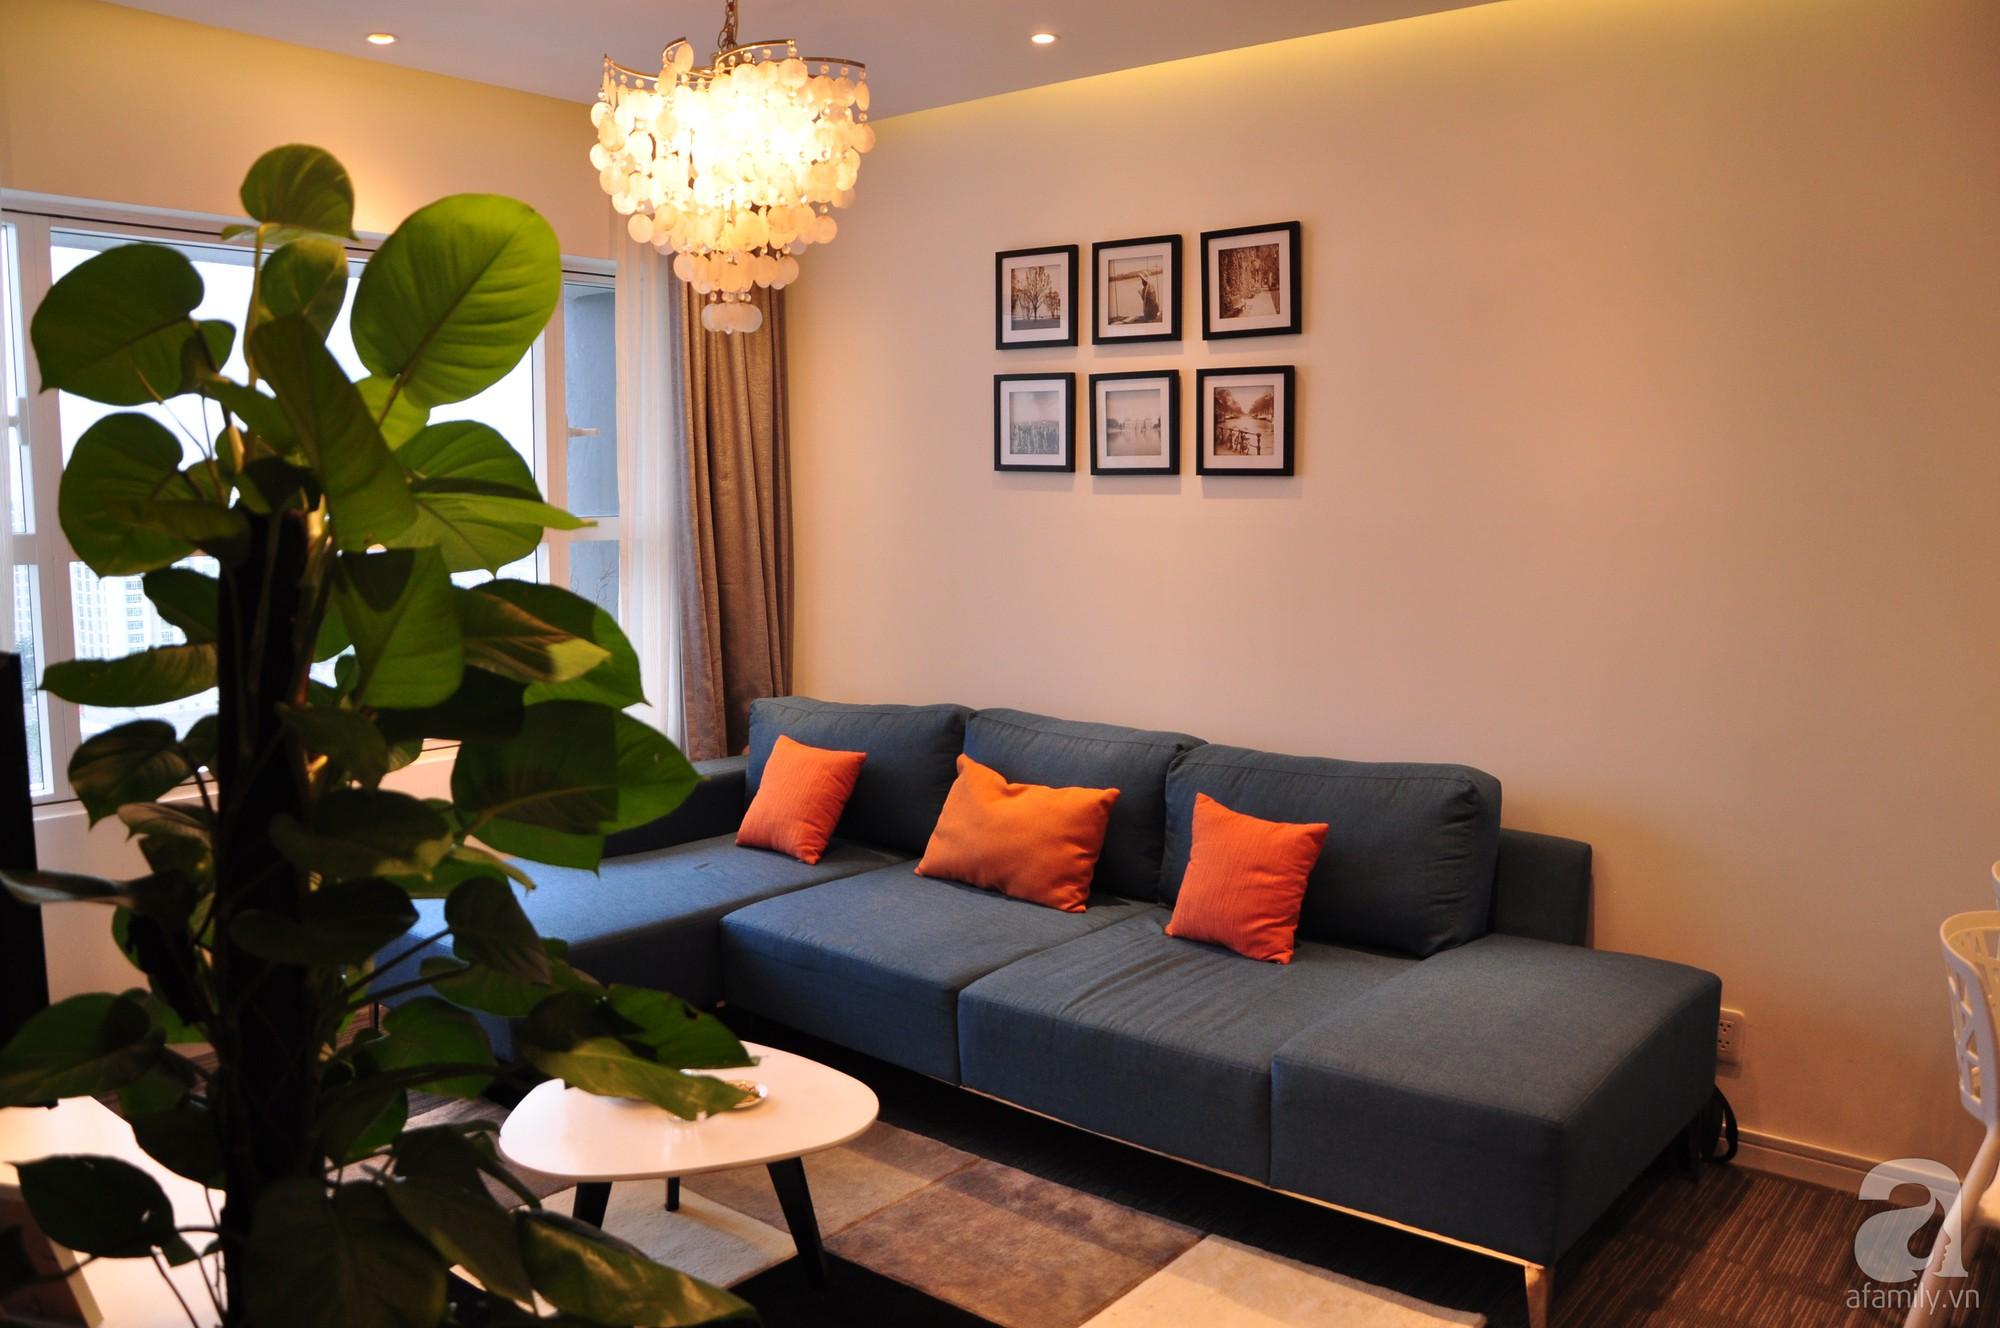 Căn hộ nhỏ 55m² ở quận 7, Sài Gòn nổi bật phong cách tận hưởng cuộc sống do anh chàng độc thân tự tay bố trí nội thất - Ảnh 2.